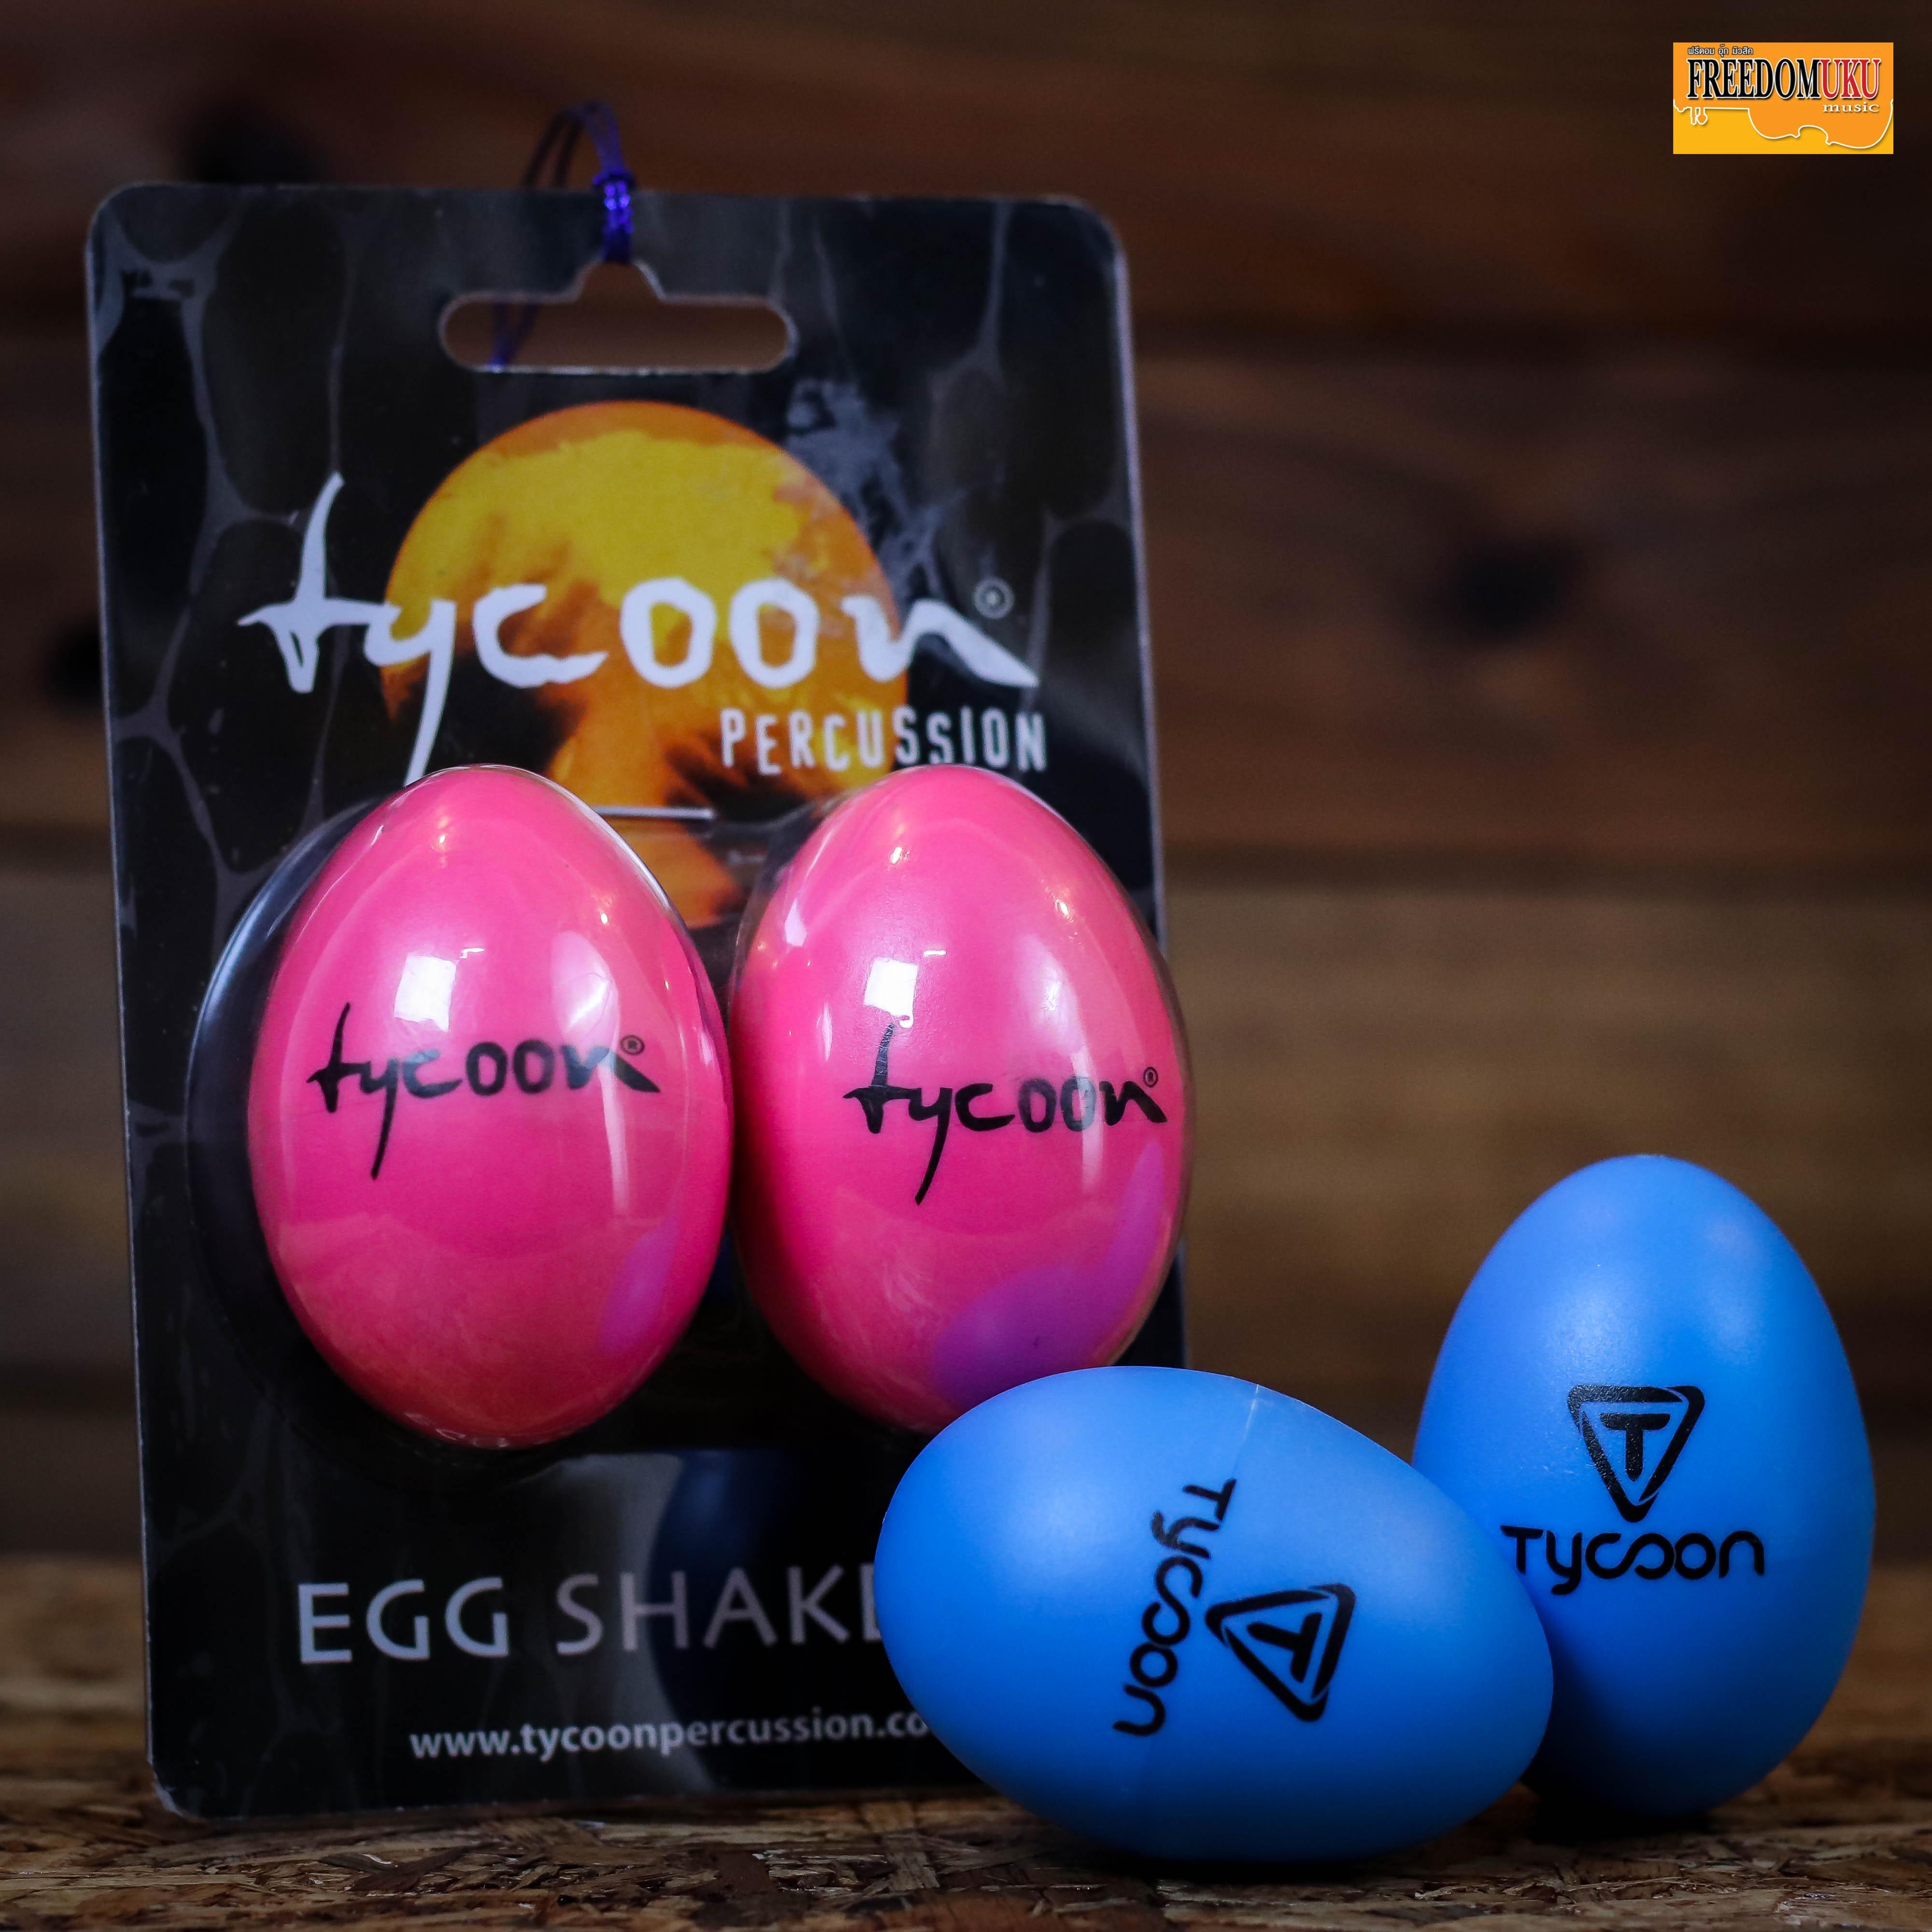 ไข่เขย่า Tycoon Percussion Egg Shaker